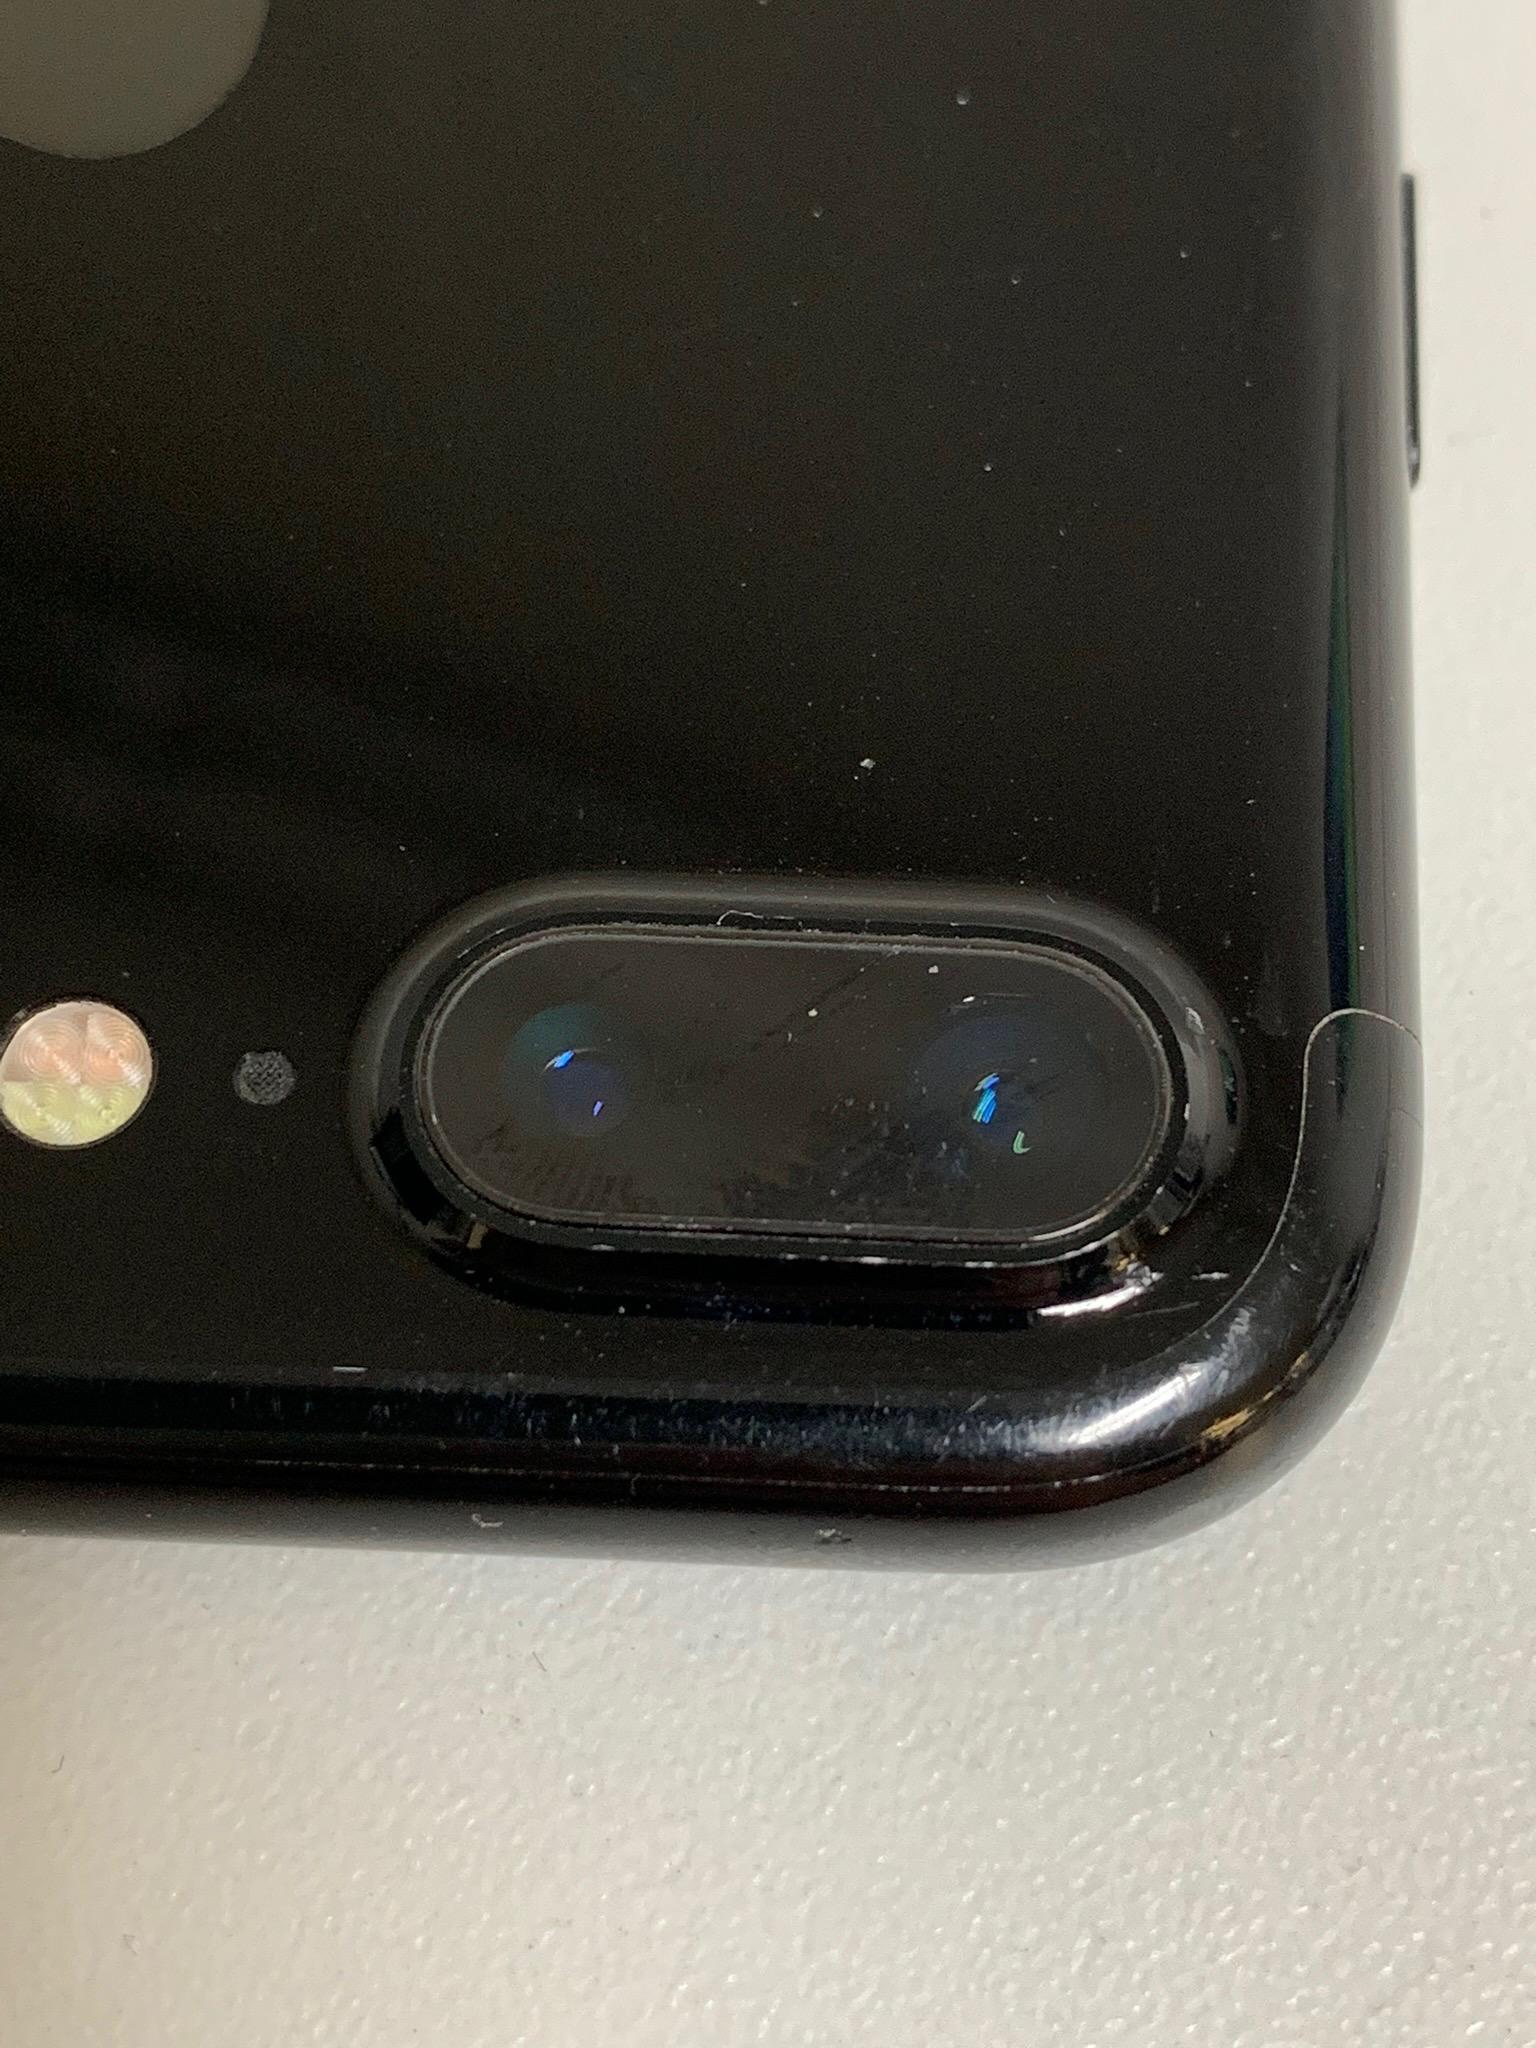 iPhone 7 Plus 128GB, 128 GB, Jet Black, Bild 4